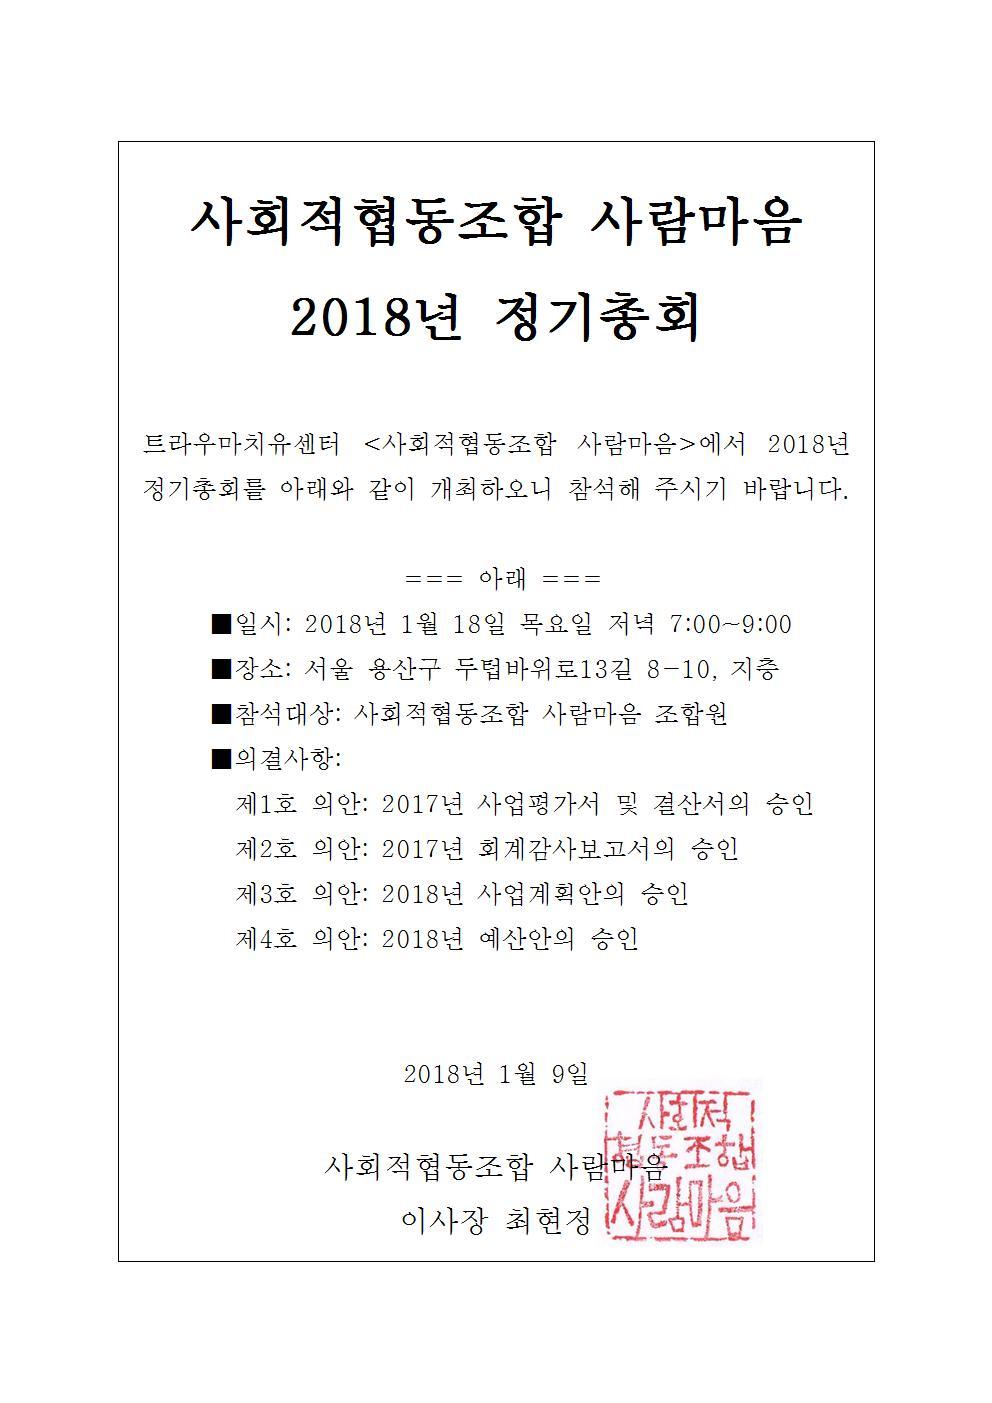 201801_사람마음_정기총회공고001.jpg